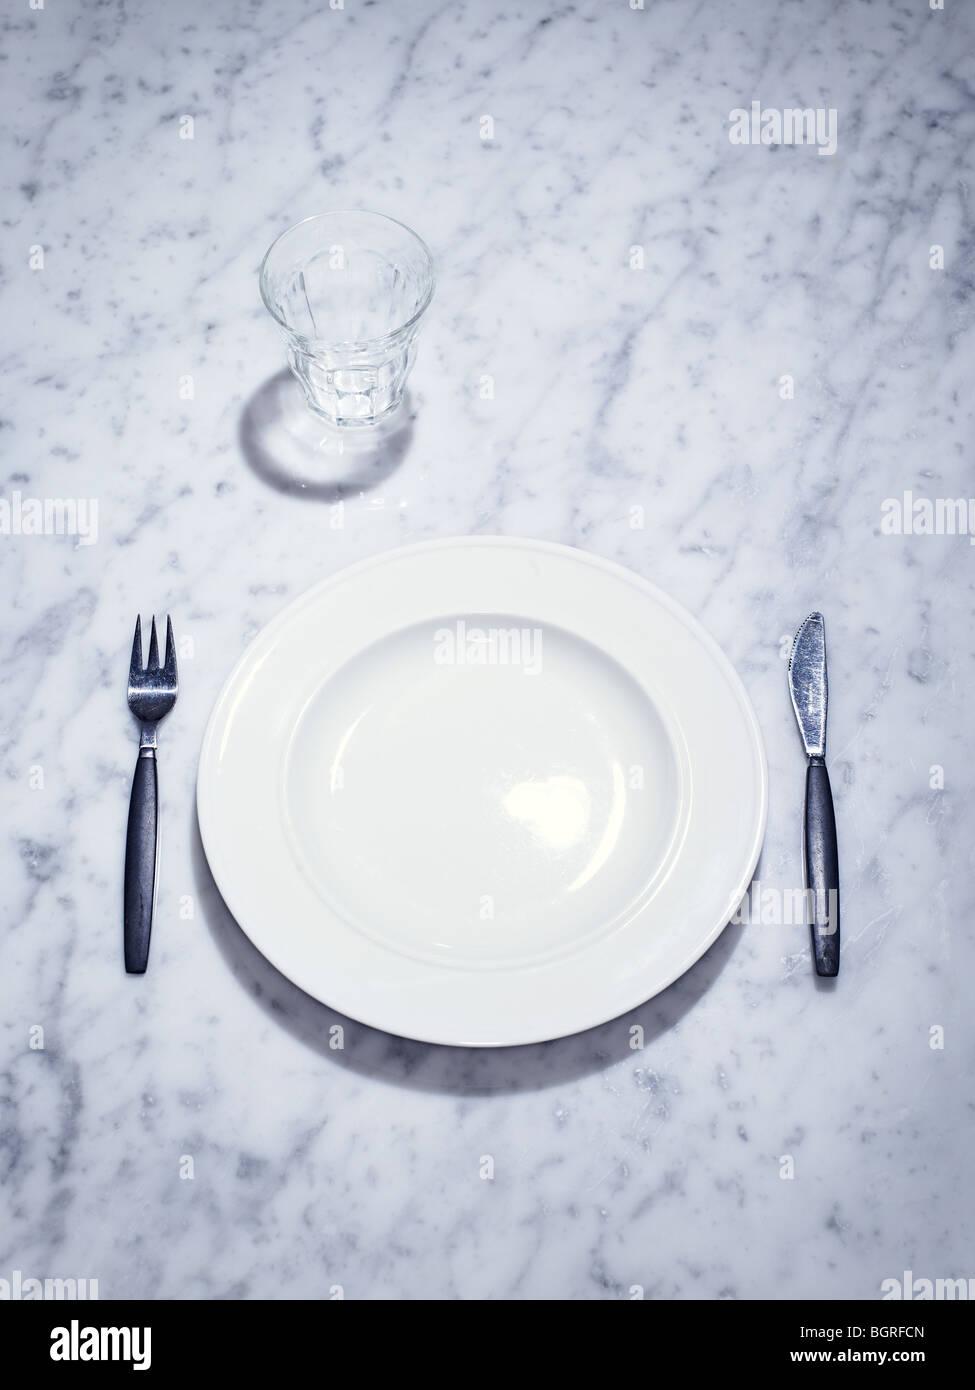 Une plaque de verre, et un ensemble de fourchette et cuillère, en Suède. Photo Stock